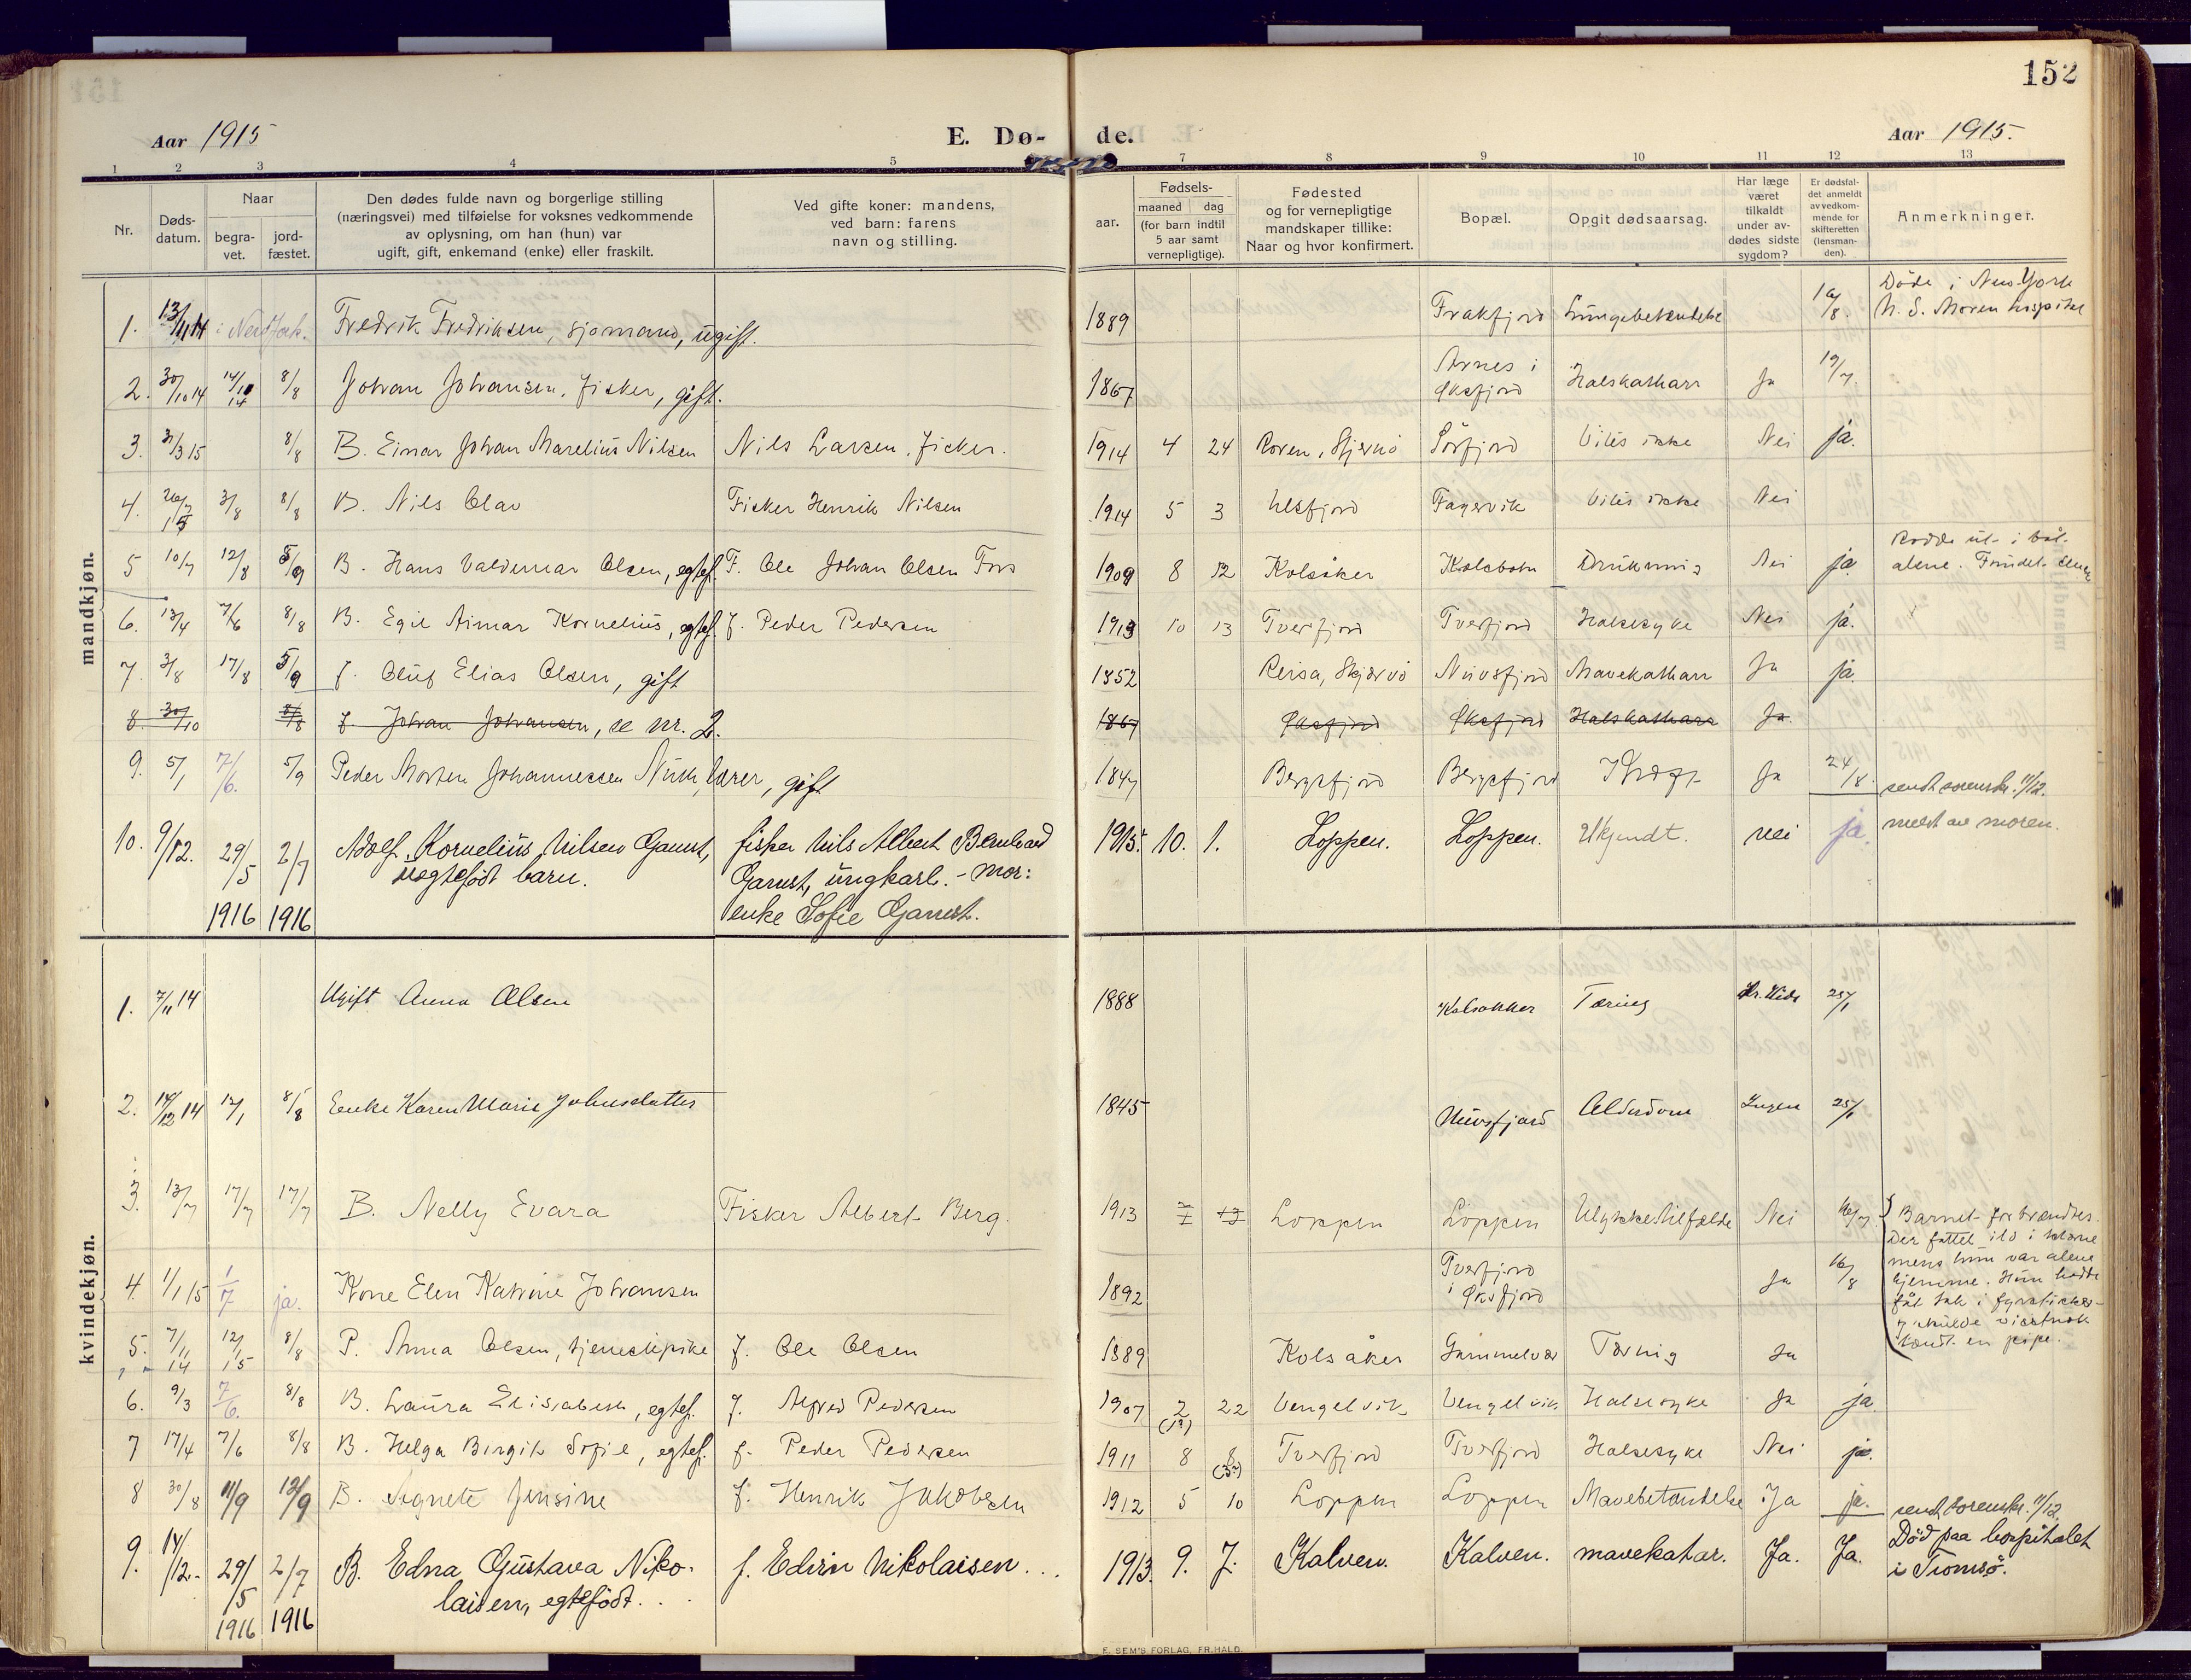 SATØ, Loppa sokneprestkontor, H/Ha/L0011kirke: Ministerialbok nr. 11, 1909-1919, s. 152